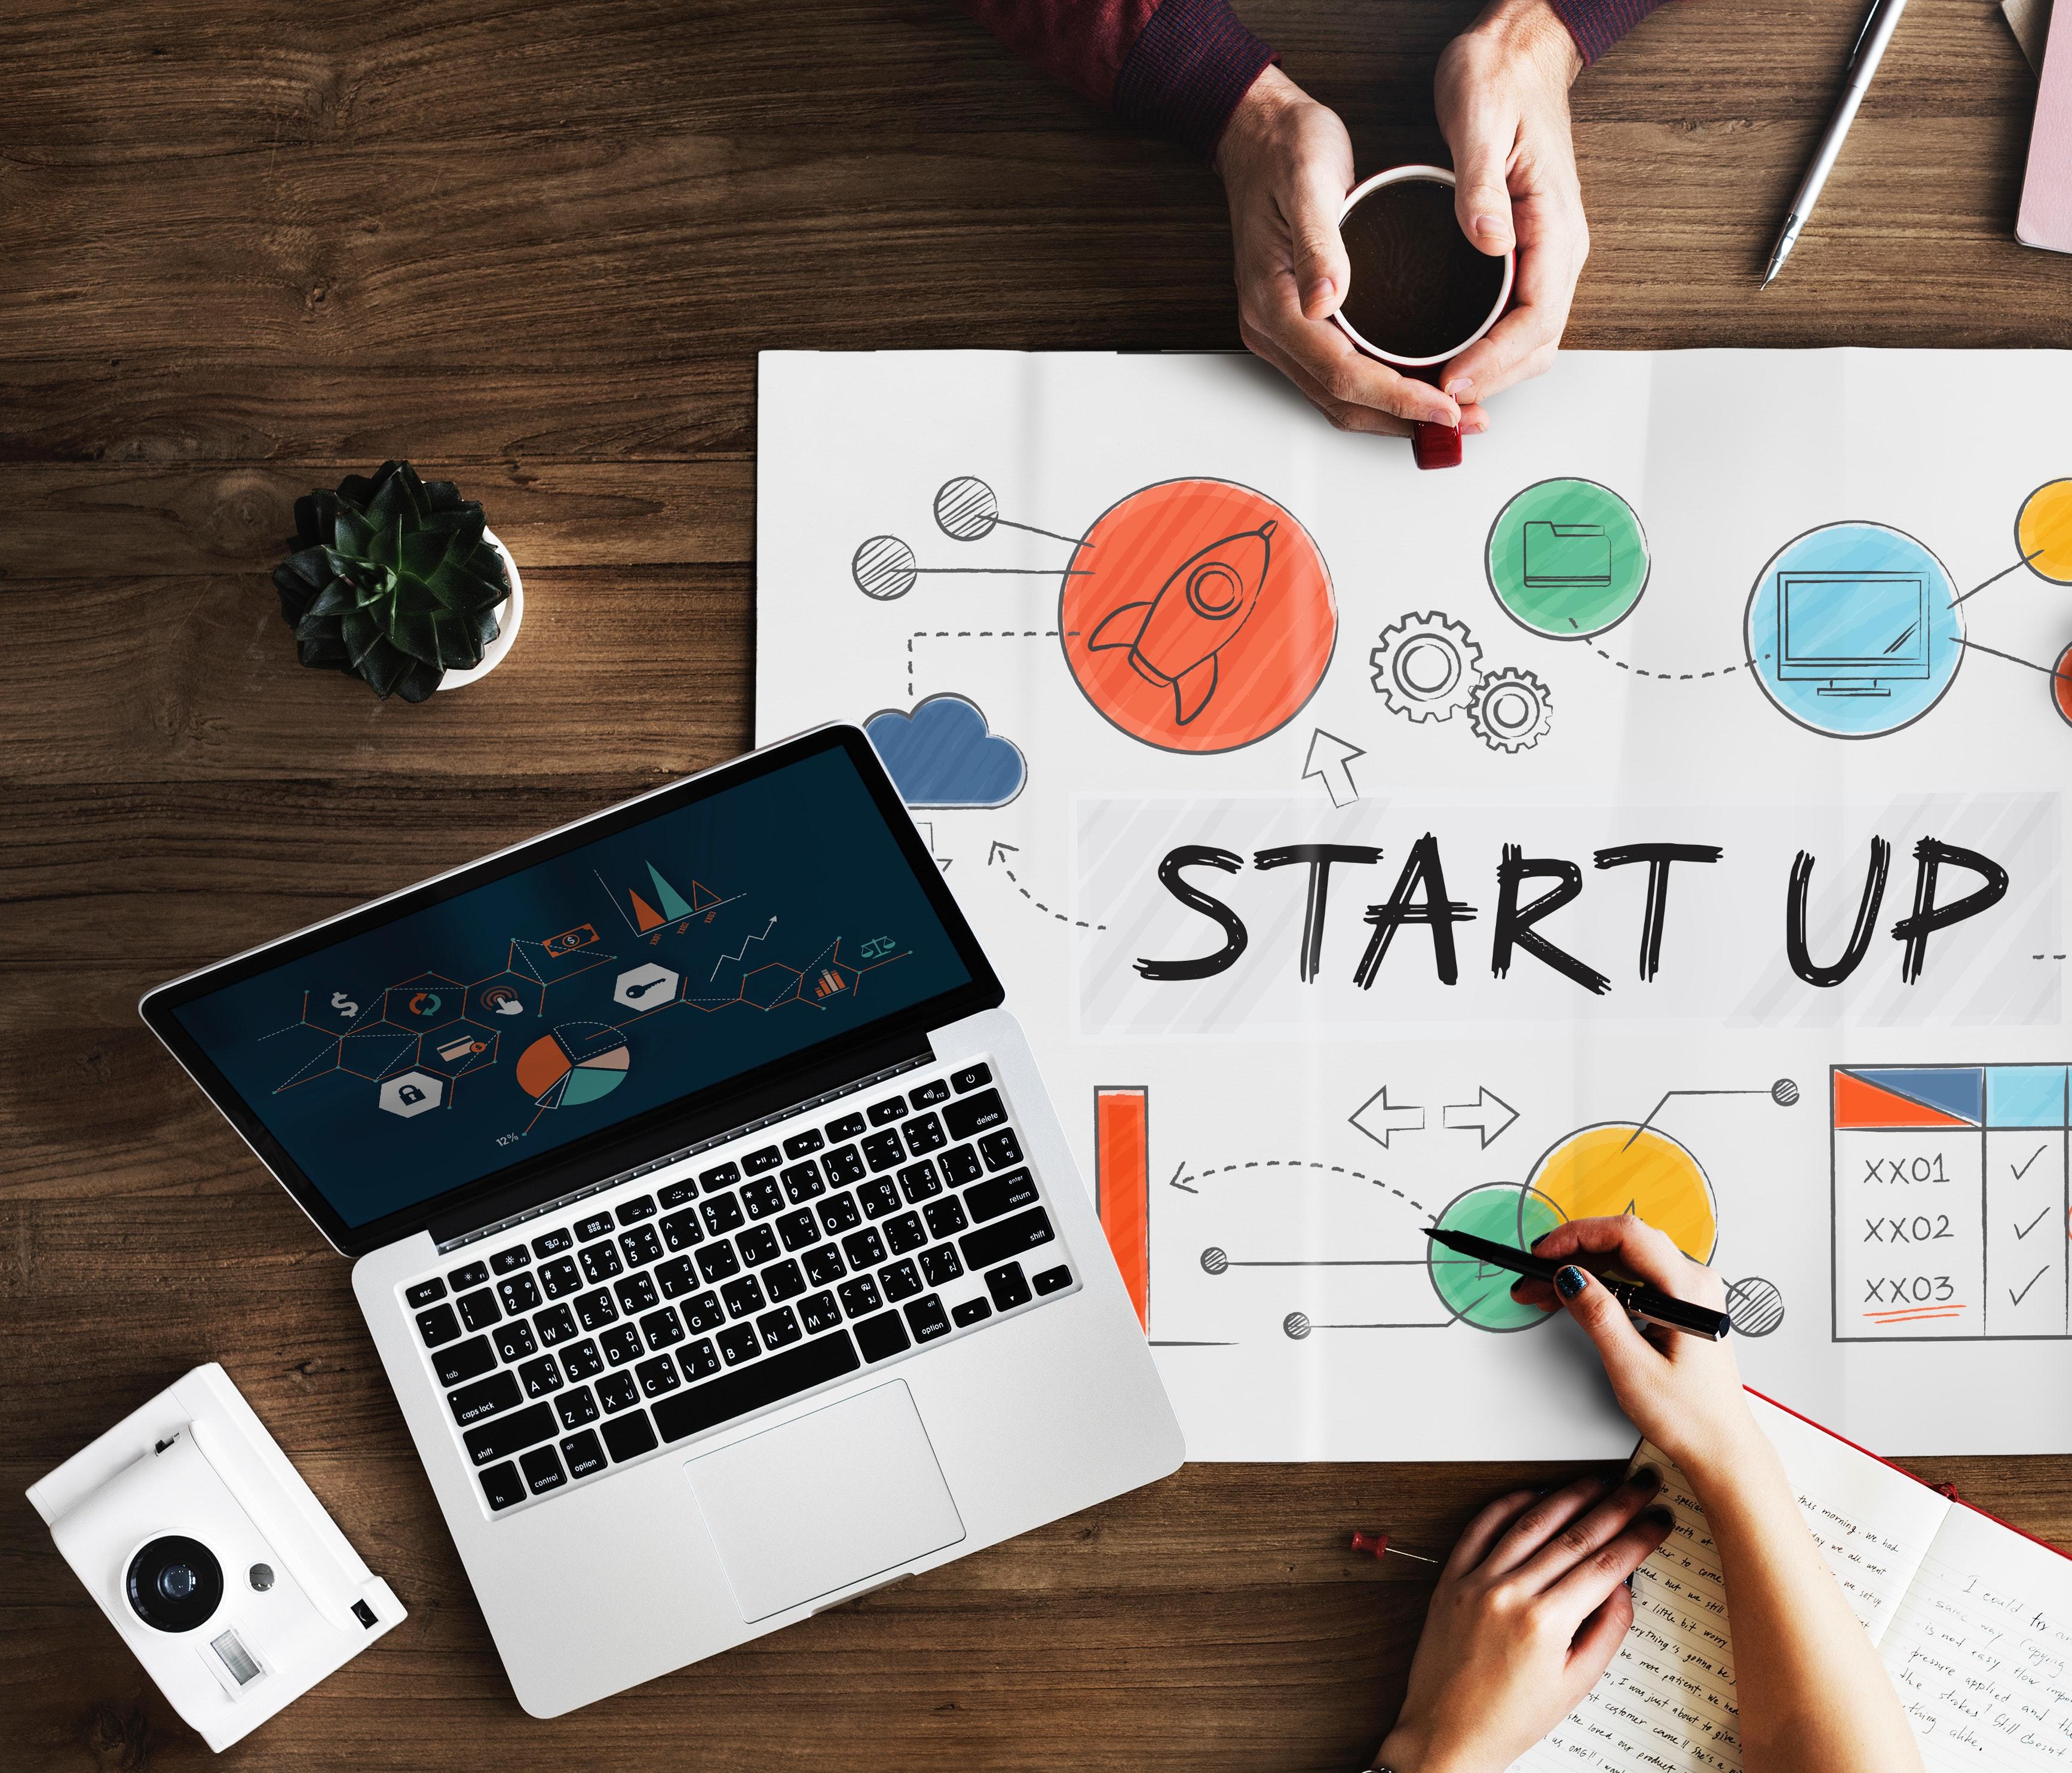 startup-main